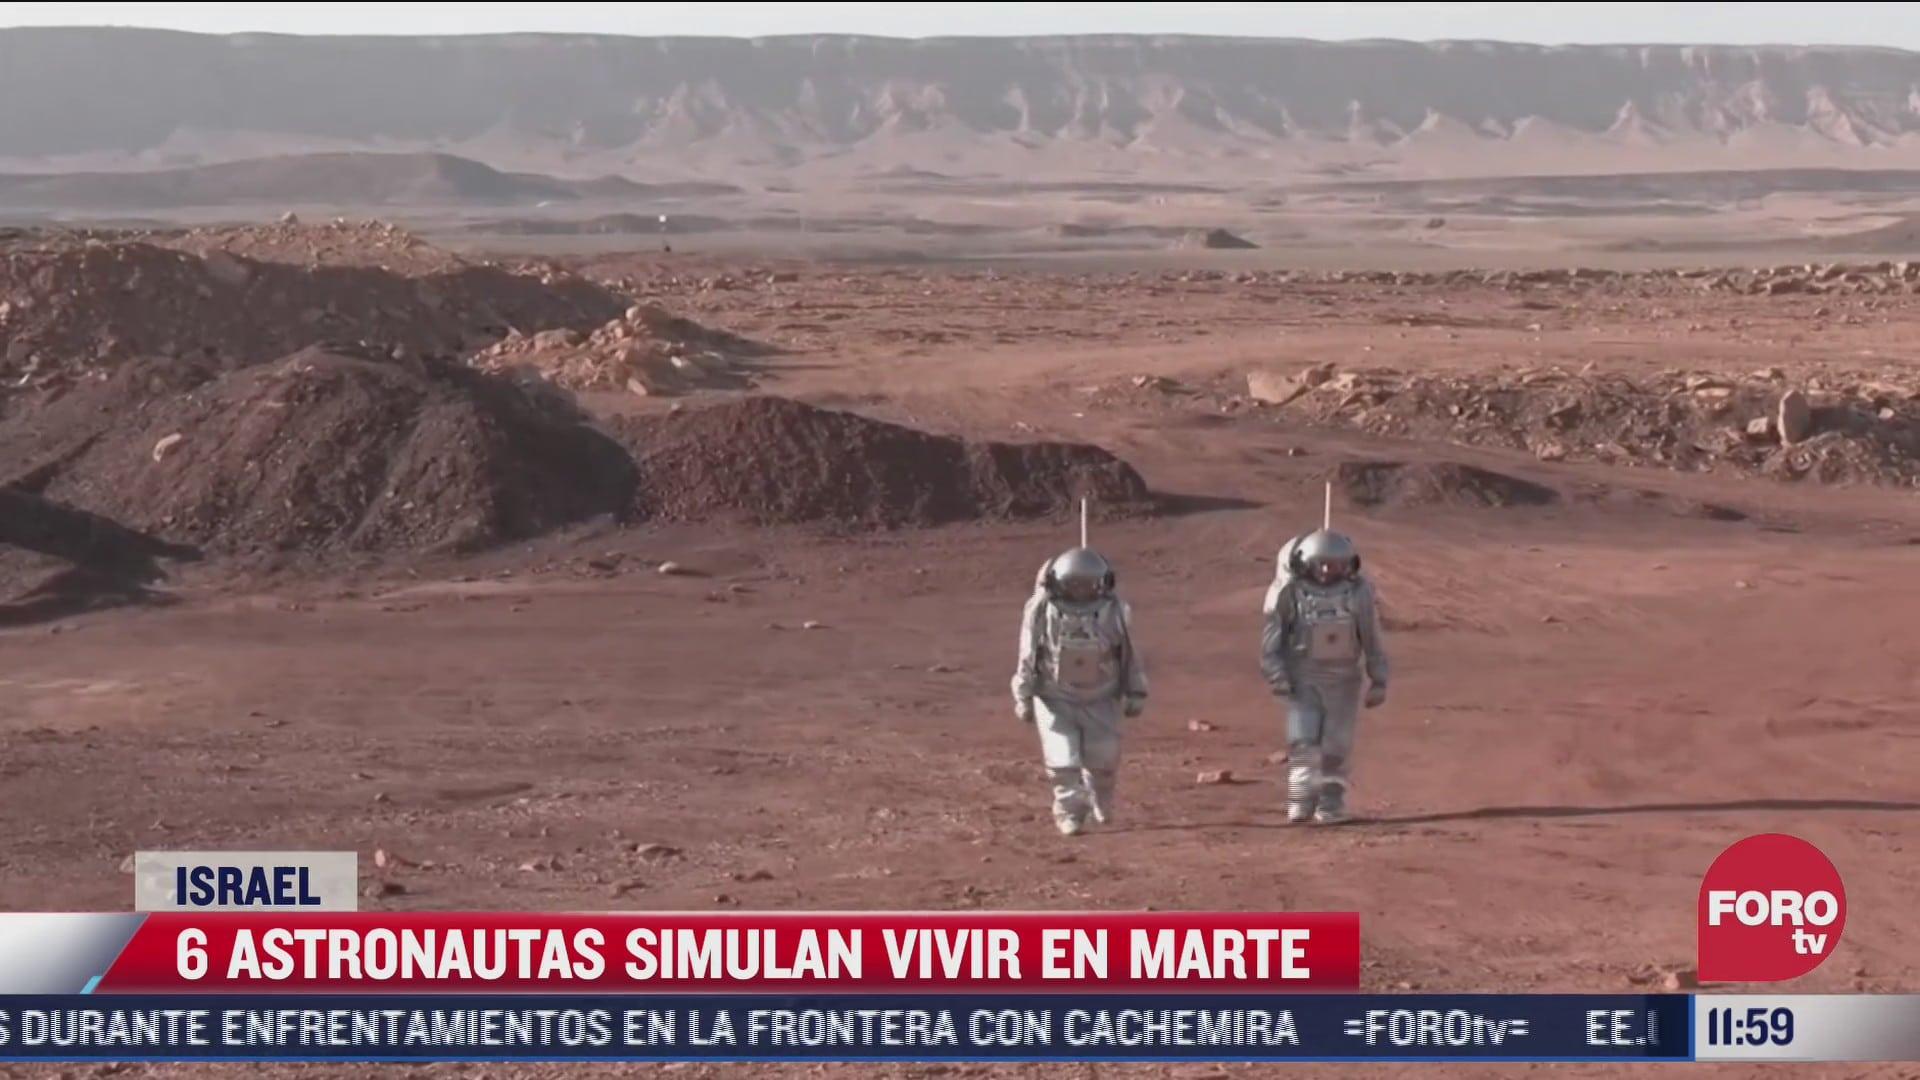 astronautas simulan vivir en marte en desierto de israel